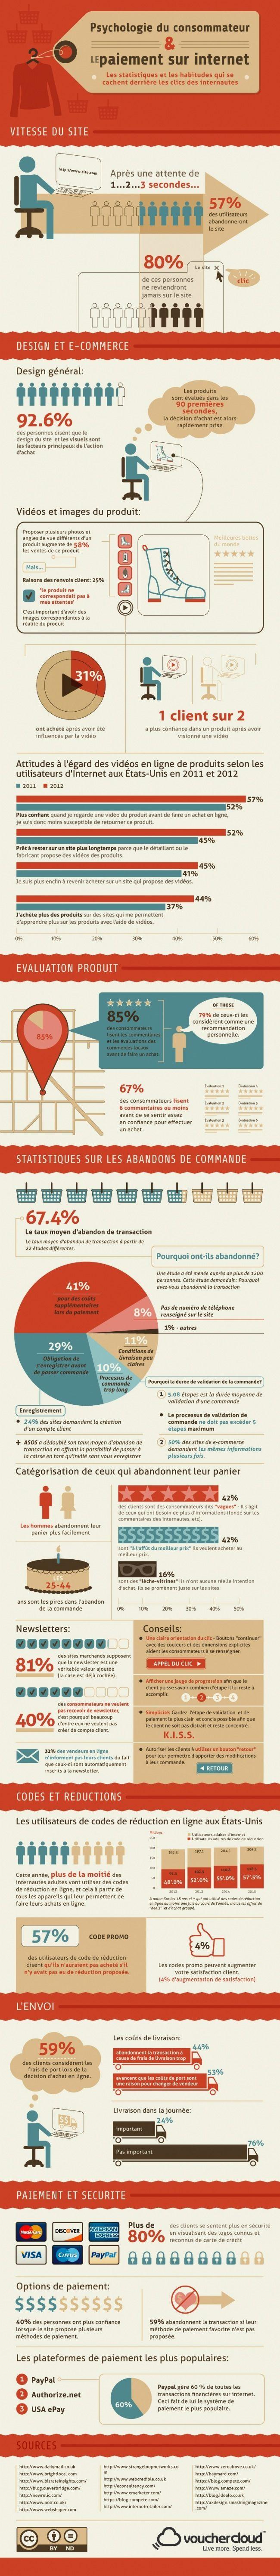 E-commerce: ce qu'il faut savoir pour augmenter son taux de conversion - FrenchWeb.fr